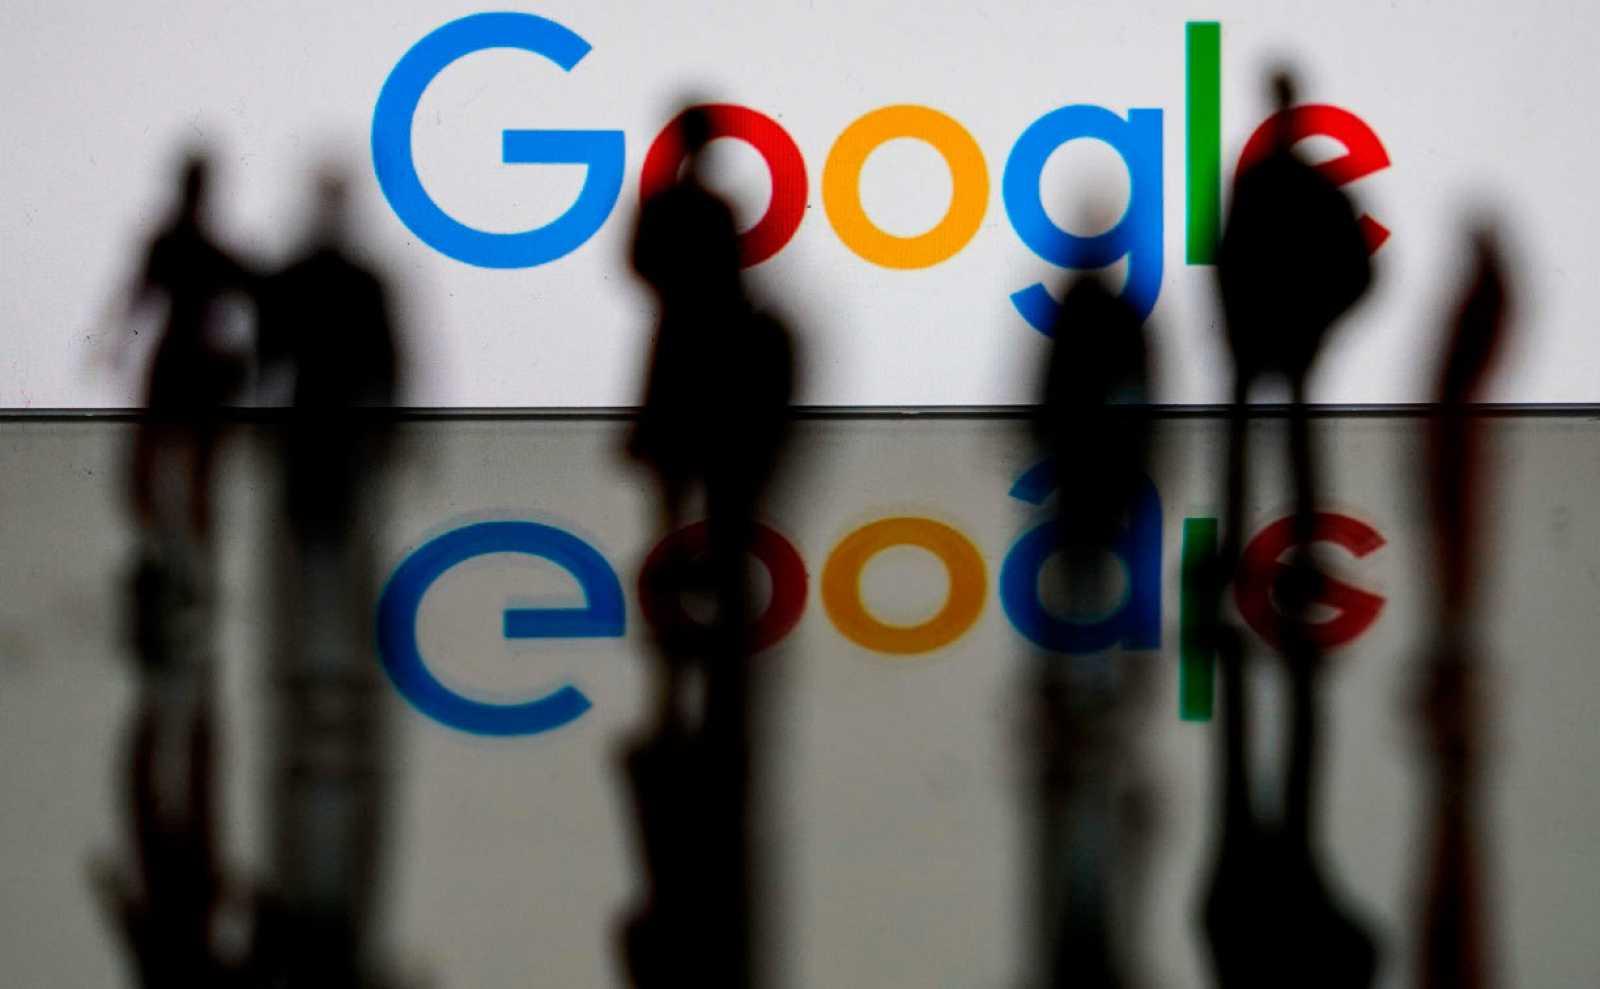 Logotipo de Google, la empresa multinacional estadounidense de tecnología y servicios relacionados con Internet, en Bruselas.